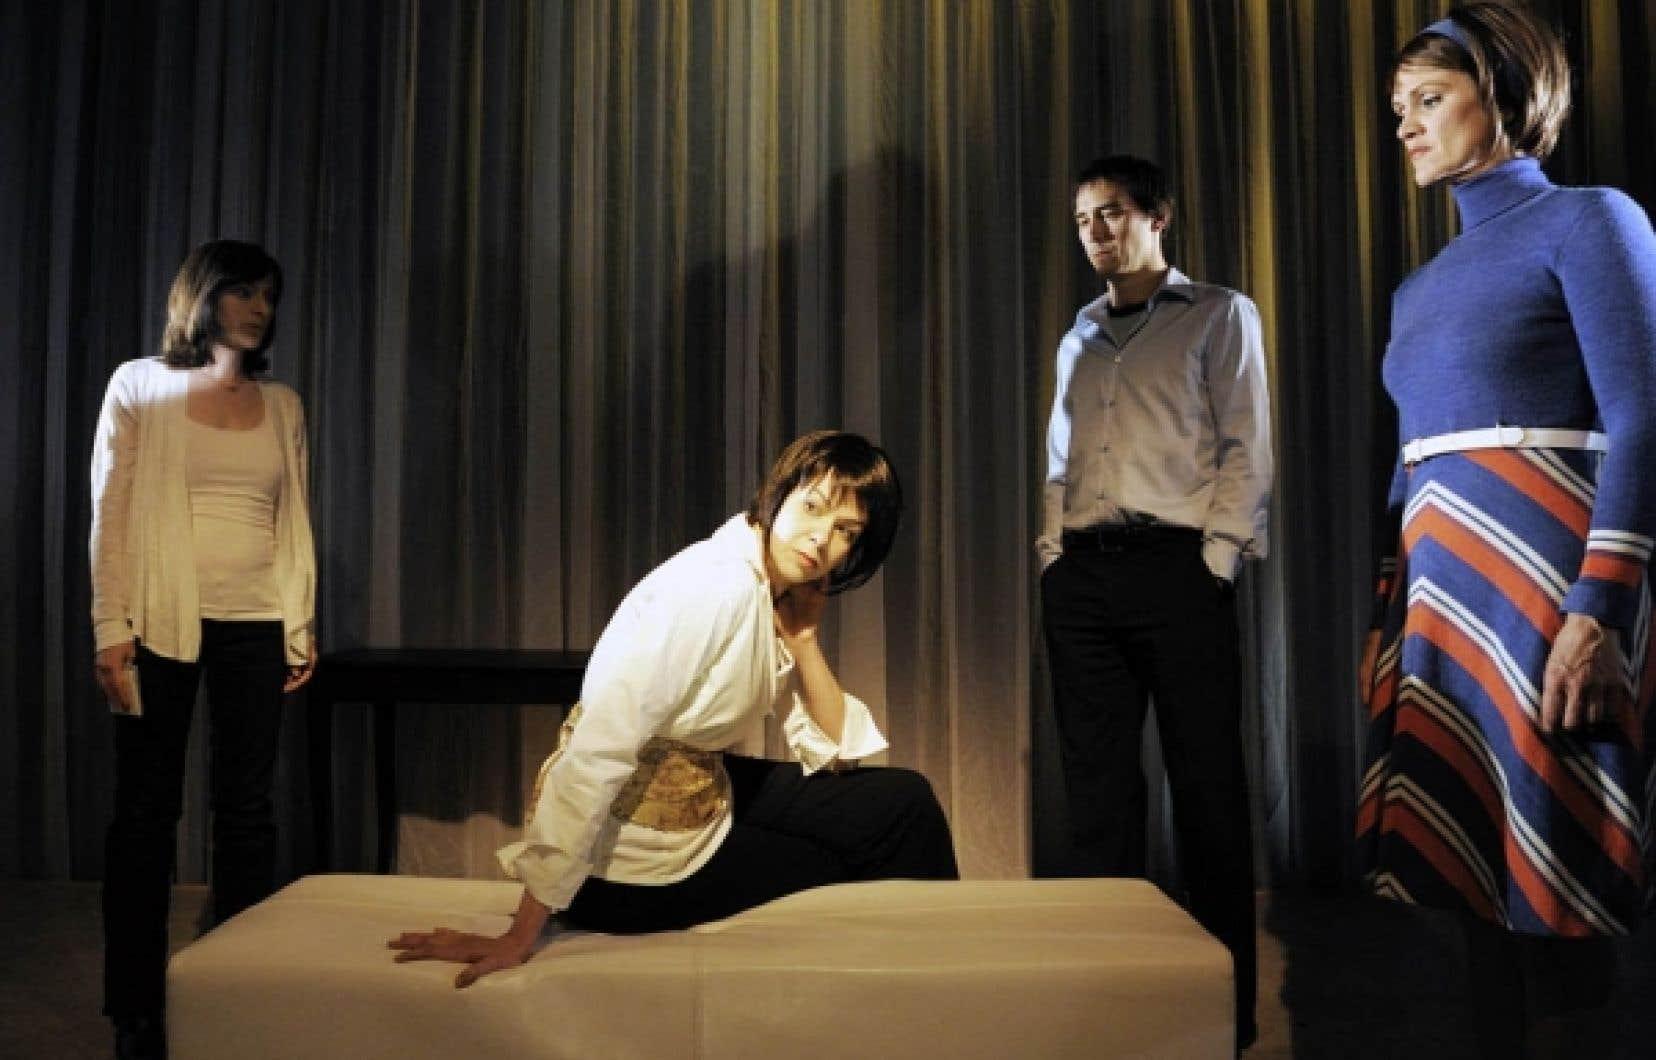 Johanne Haberlin, Steve Laplante, Alexia Bürger et Josée Deschênes dans une scène de la pièce Enquête sur le pire.